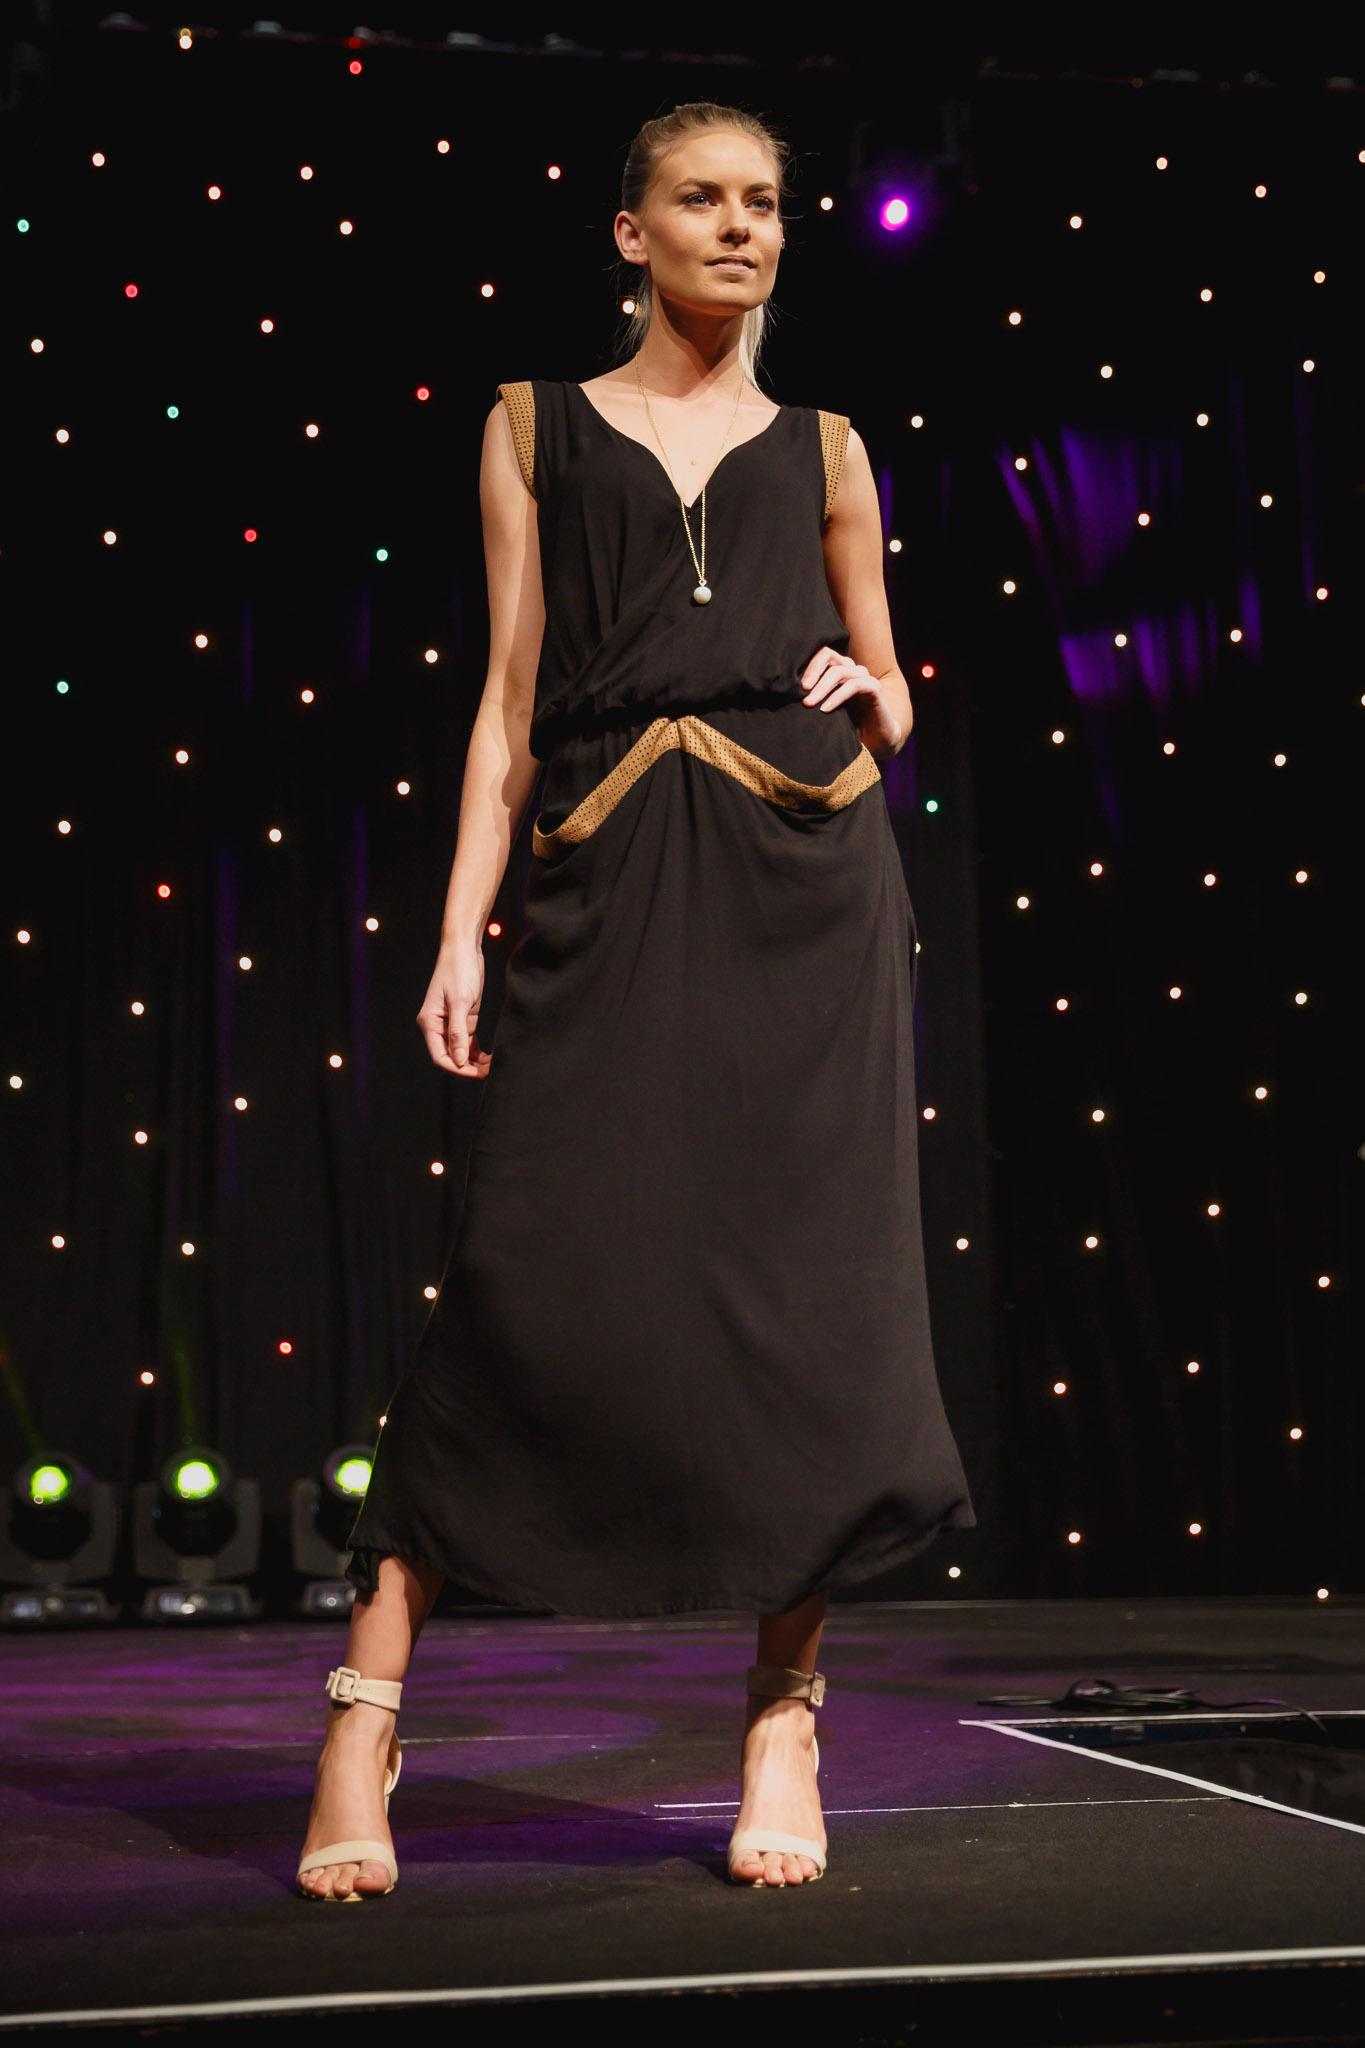 Runway Fashion Stylist Kirsty Millig